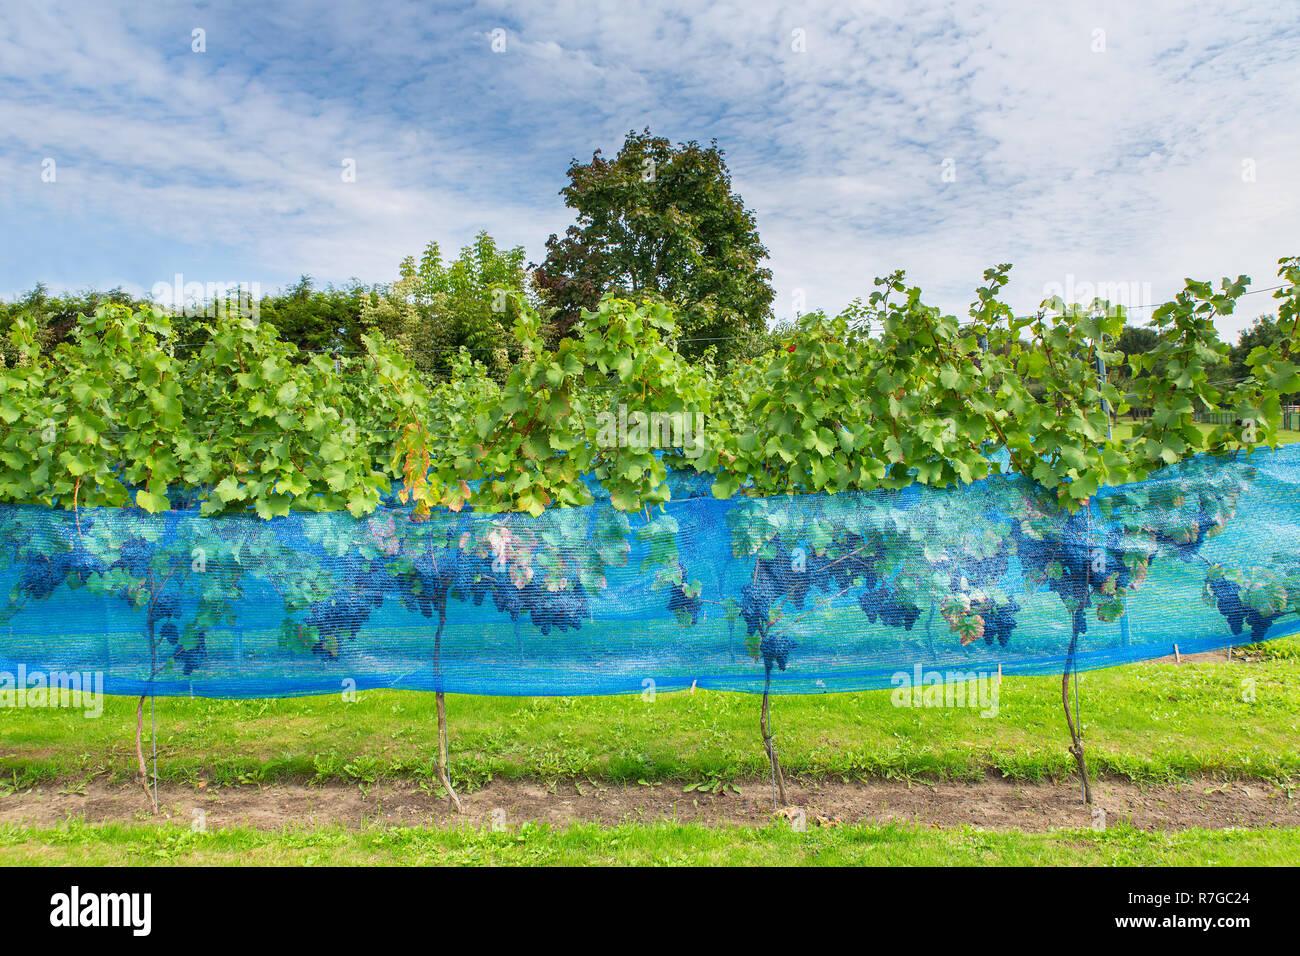 Bird Protection Net Grape Stock Photos & Bird Protection Net